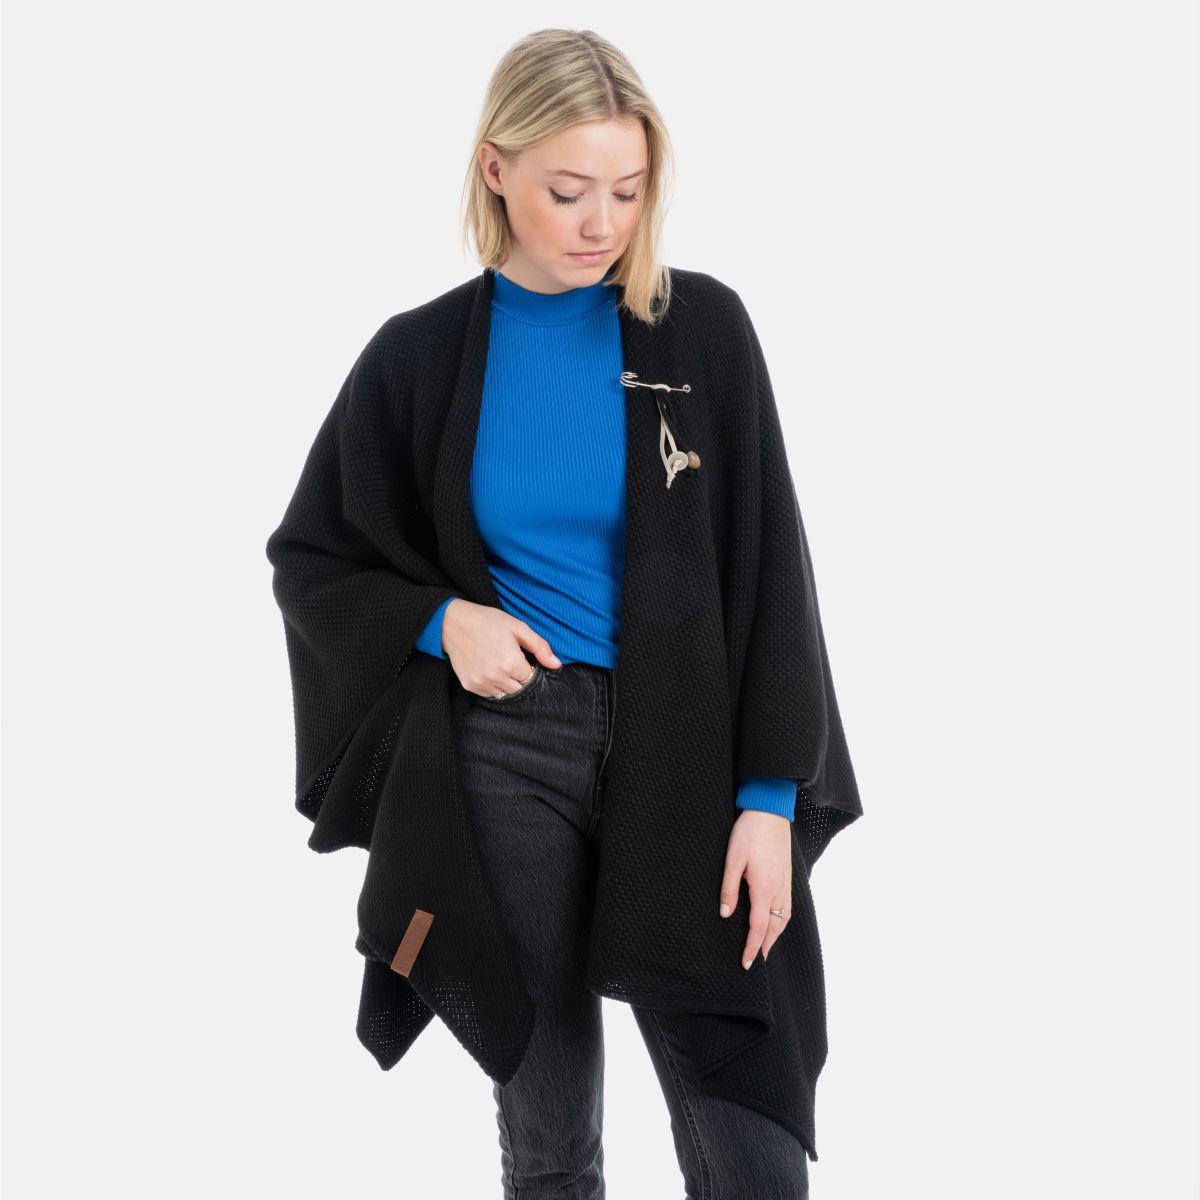 jazz shawl wrap black